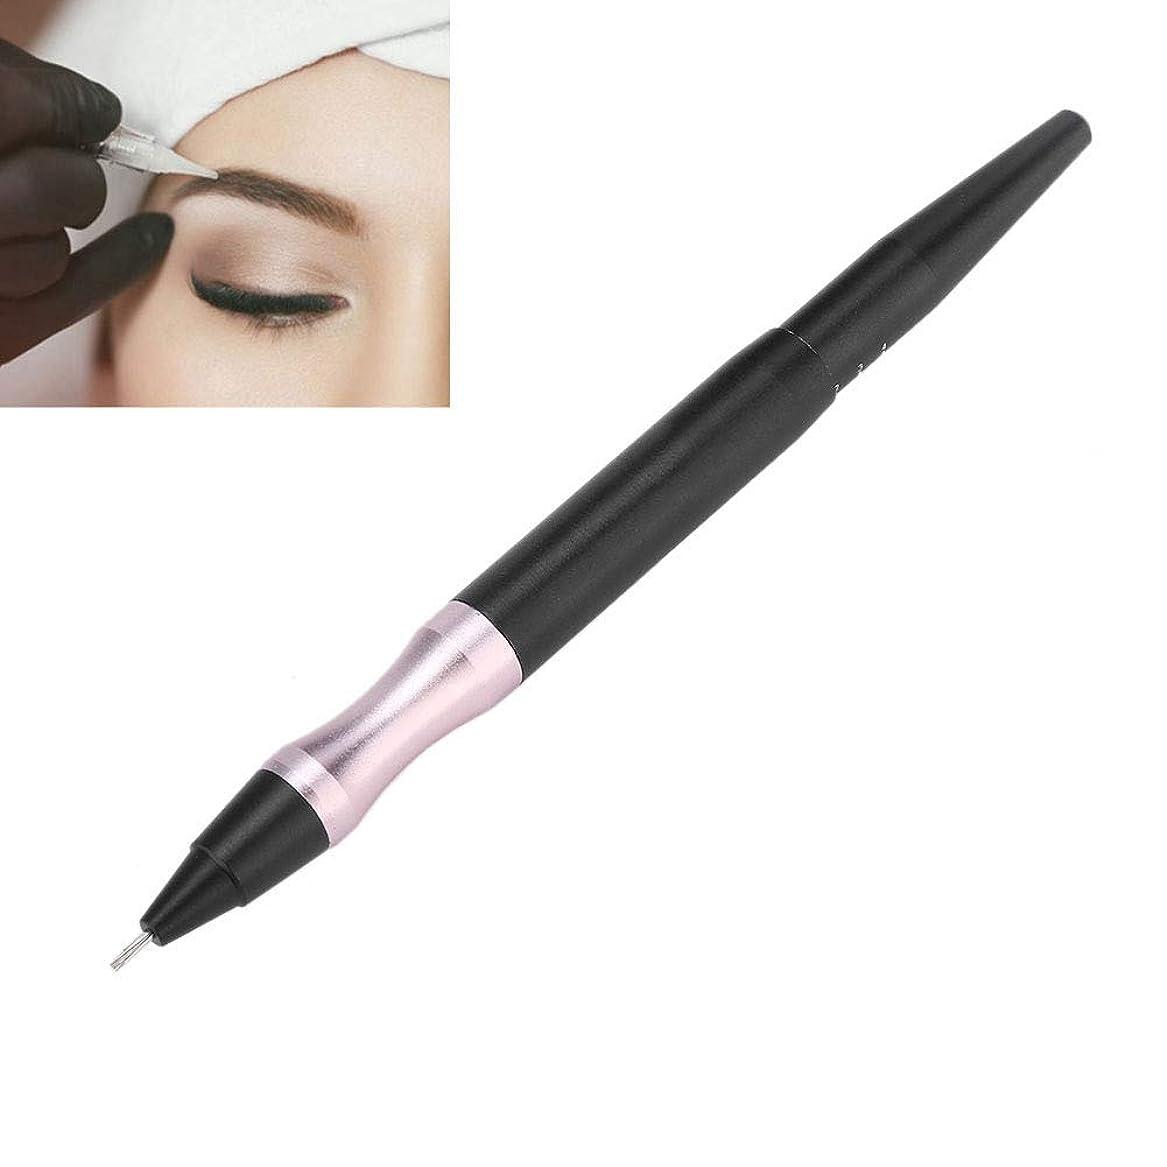 手動タトゥーペン、眉アイライナーの唇のための半永久的な化粧道具、滑り止めハンドル付き多目的マイクロブレードペン、マルチタイプの針に適しており、交換が容易(ブラック)